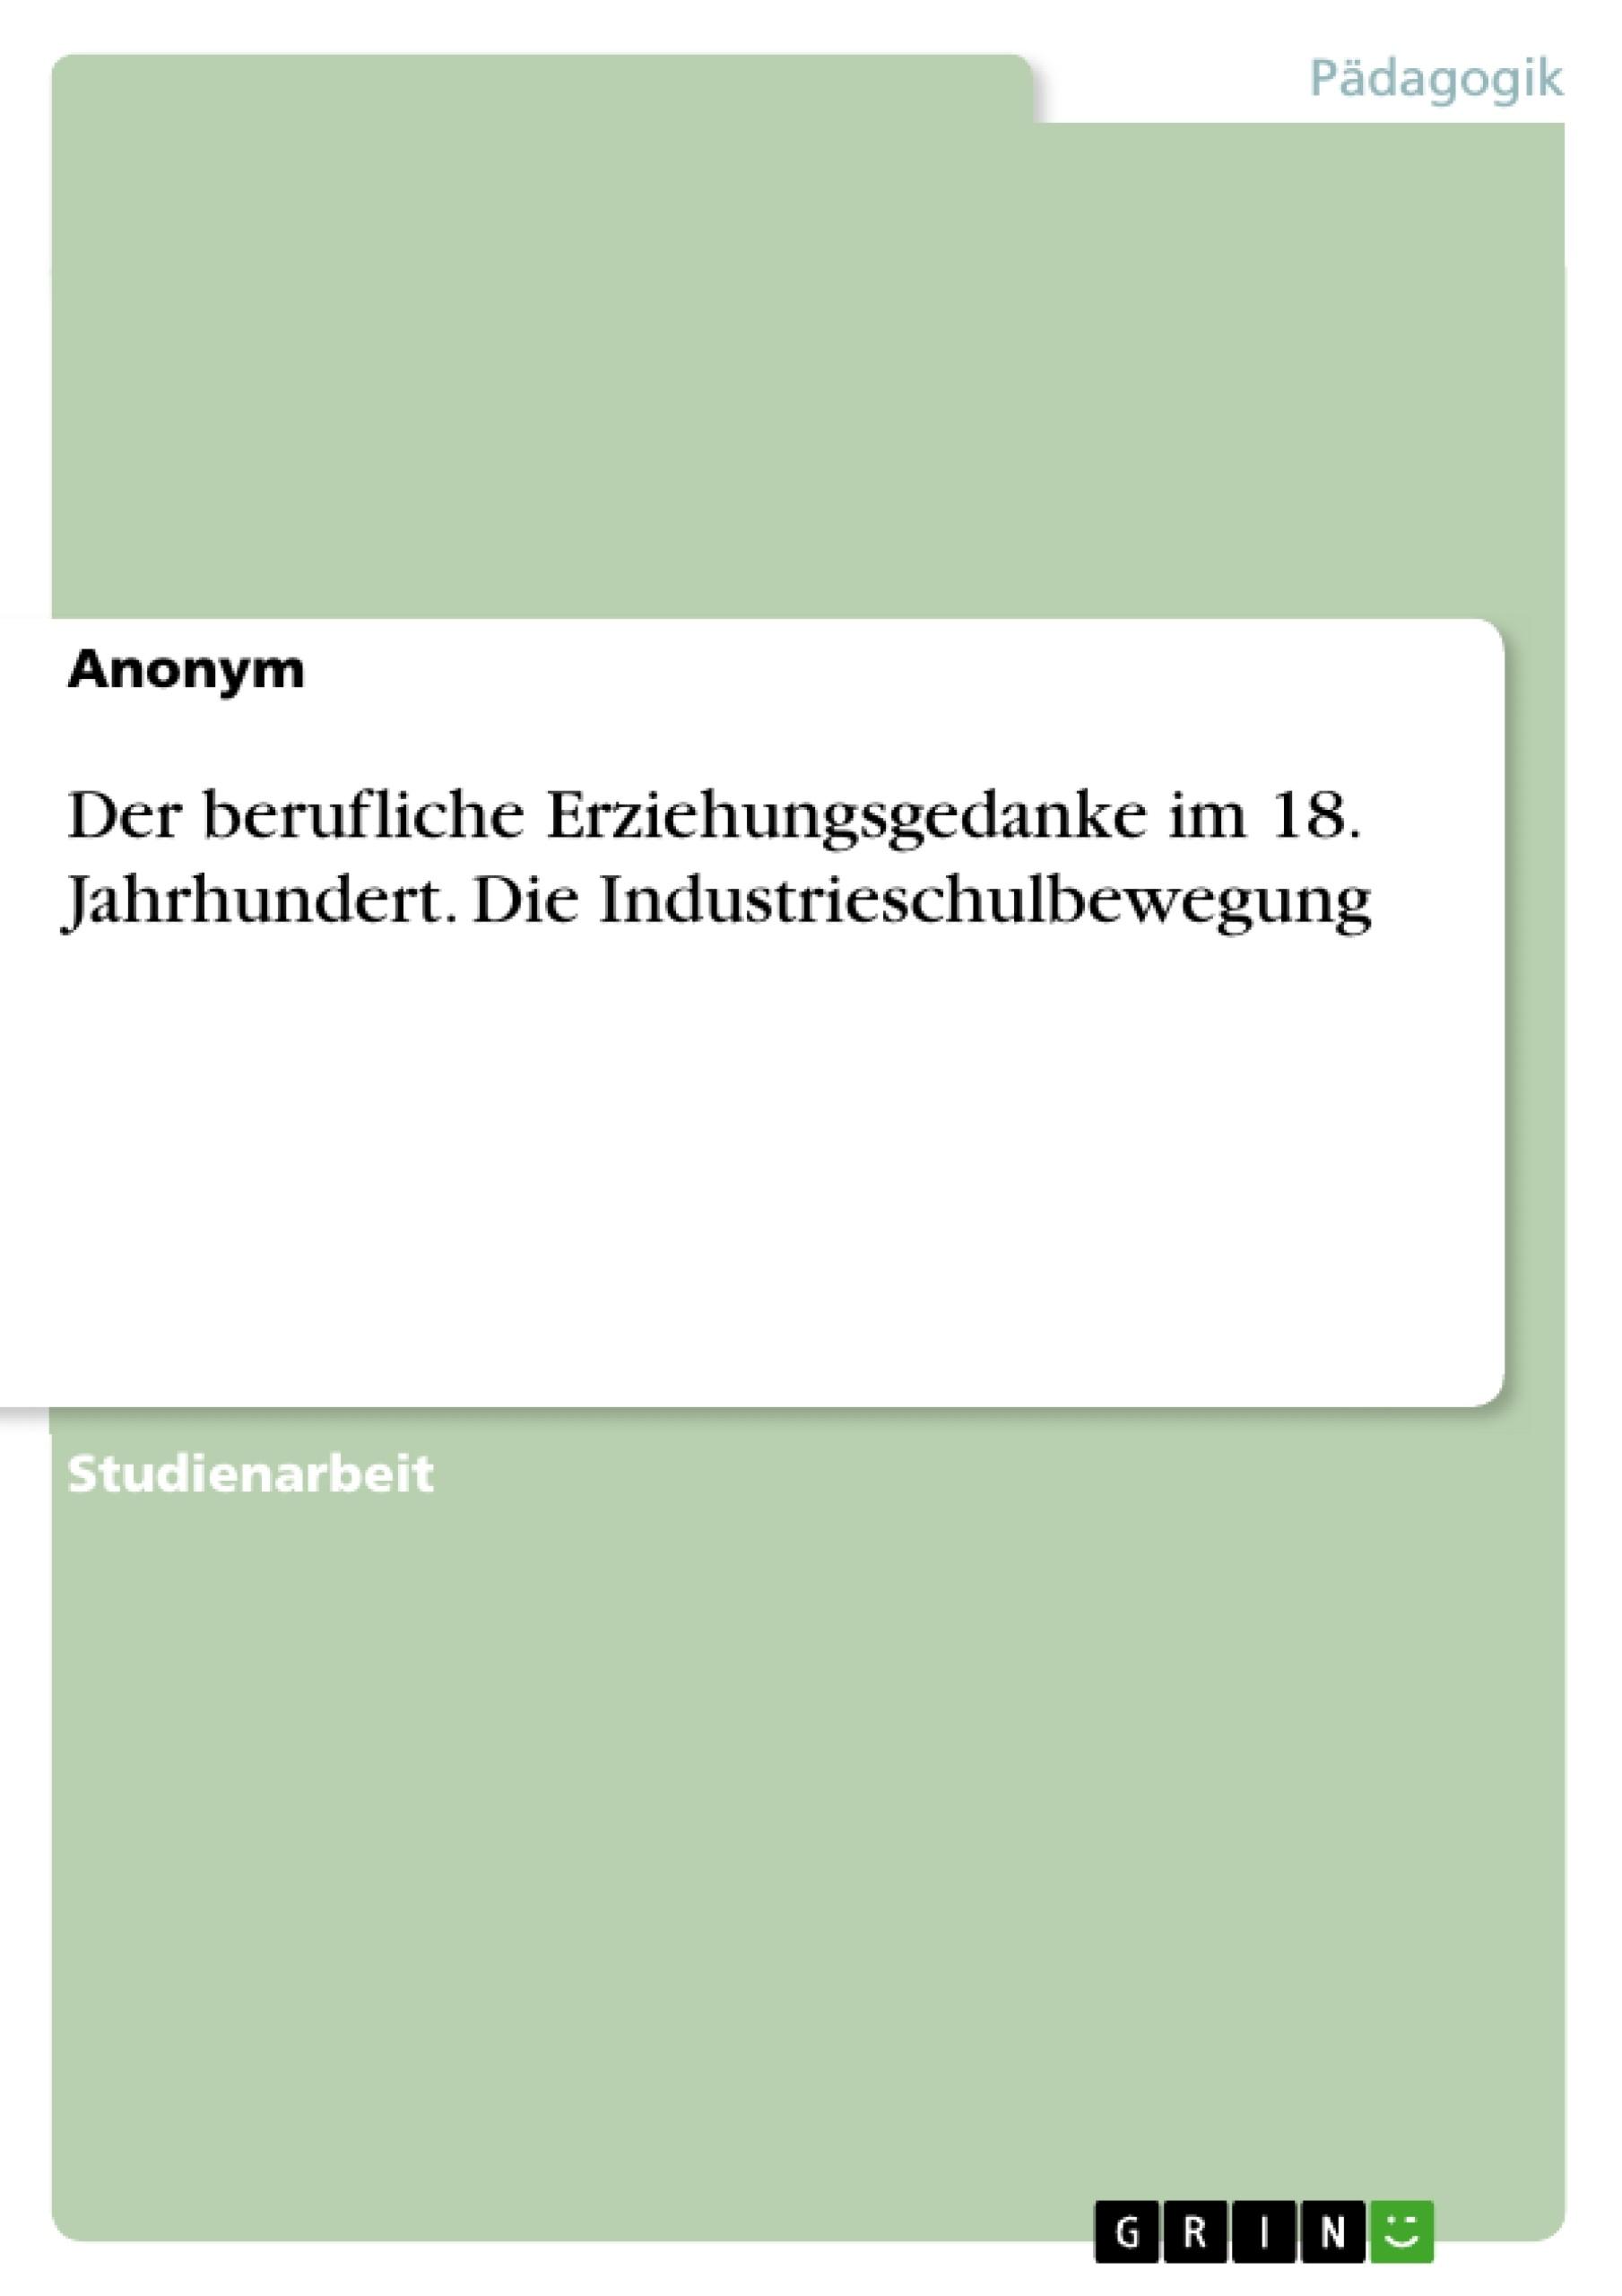 Titel: Der berufliche Erziehungsgedanke im 18. Jahrhundert. Die Industrieschulbewegung